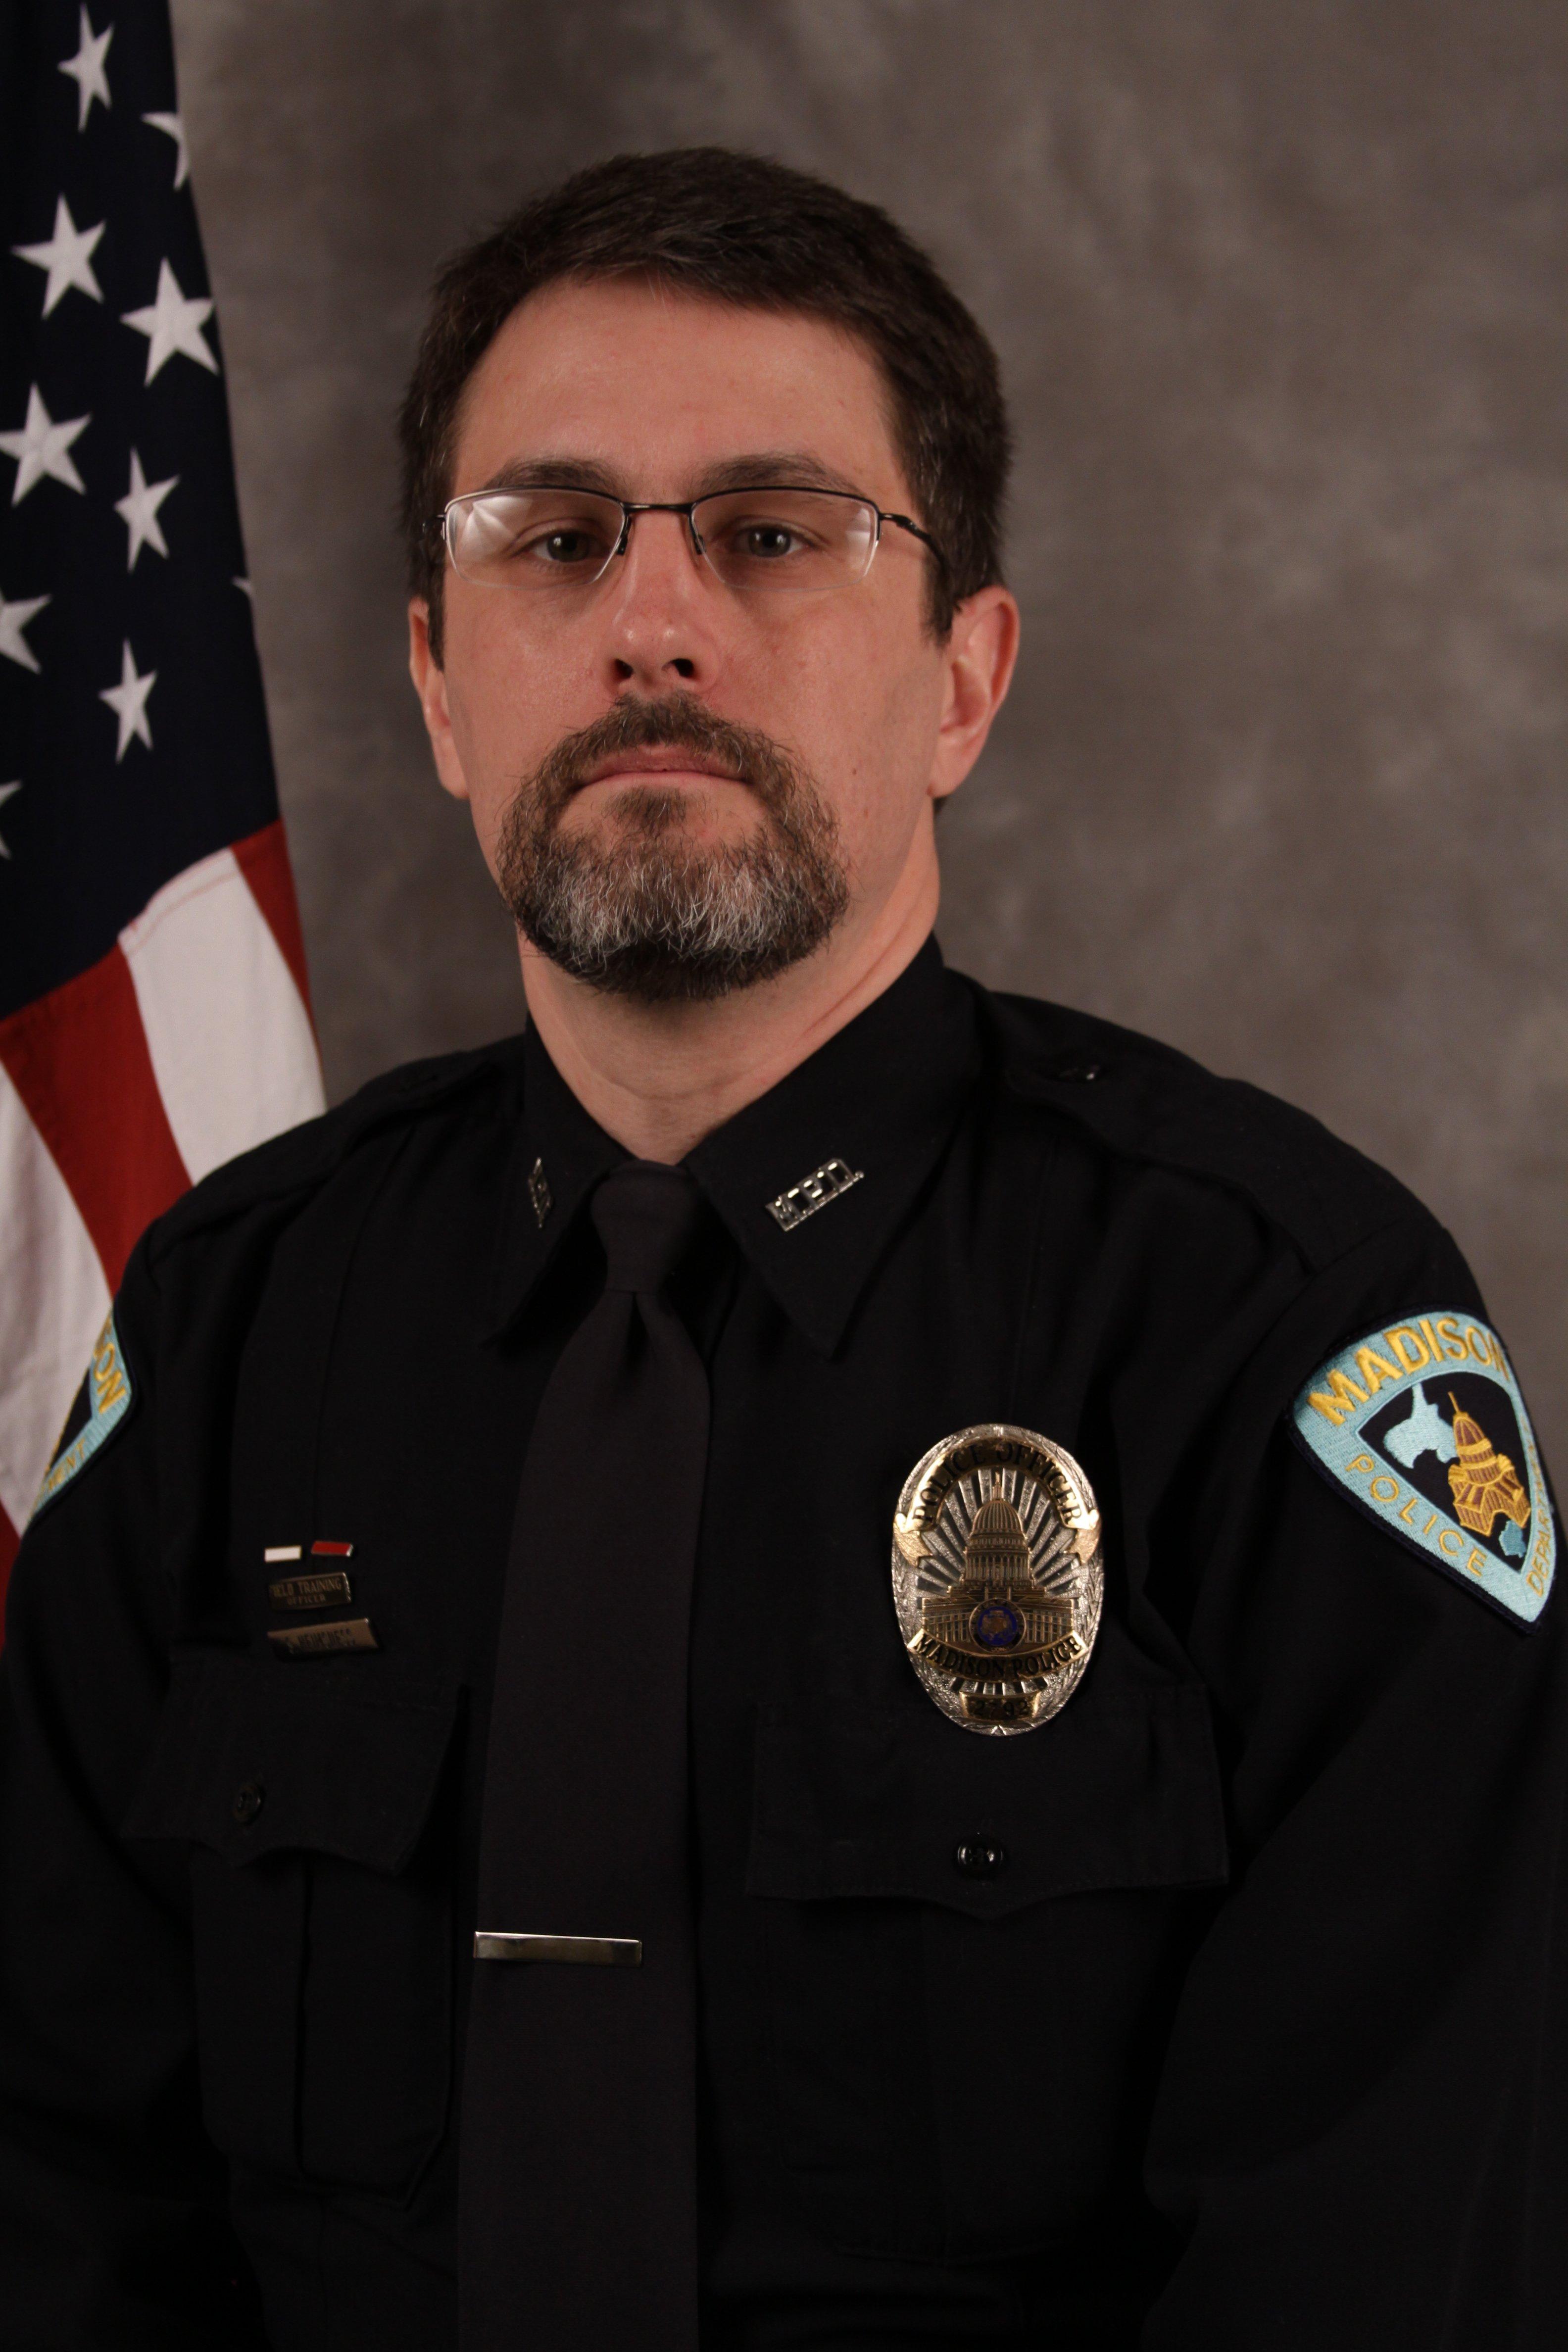 Officer Stephen Heimsness